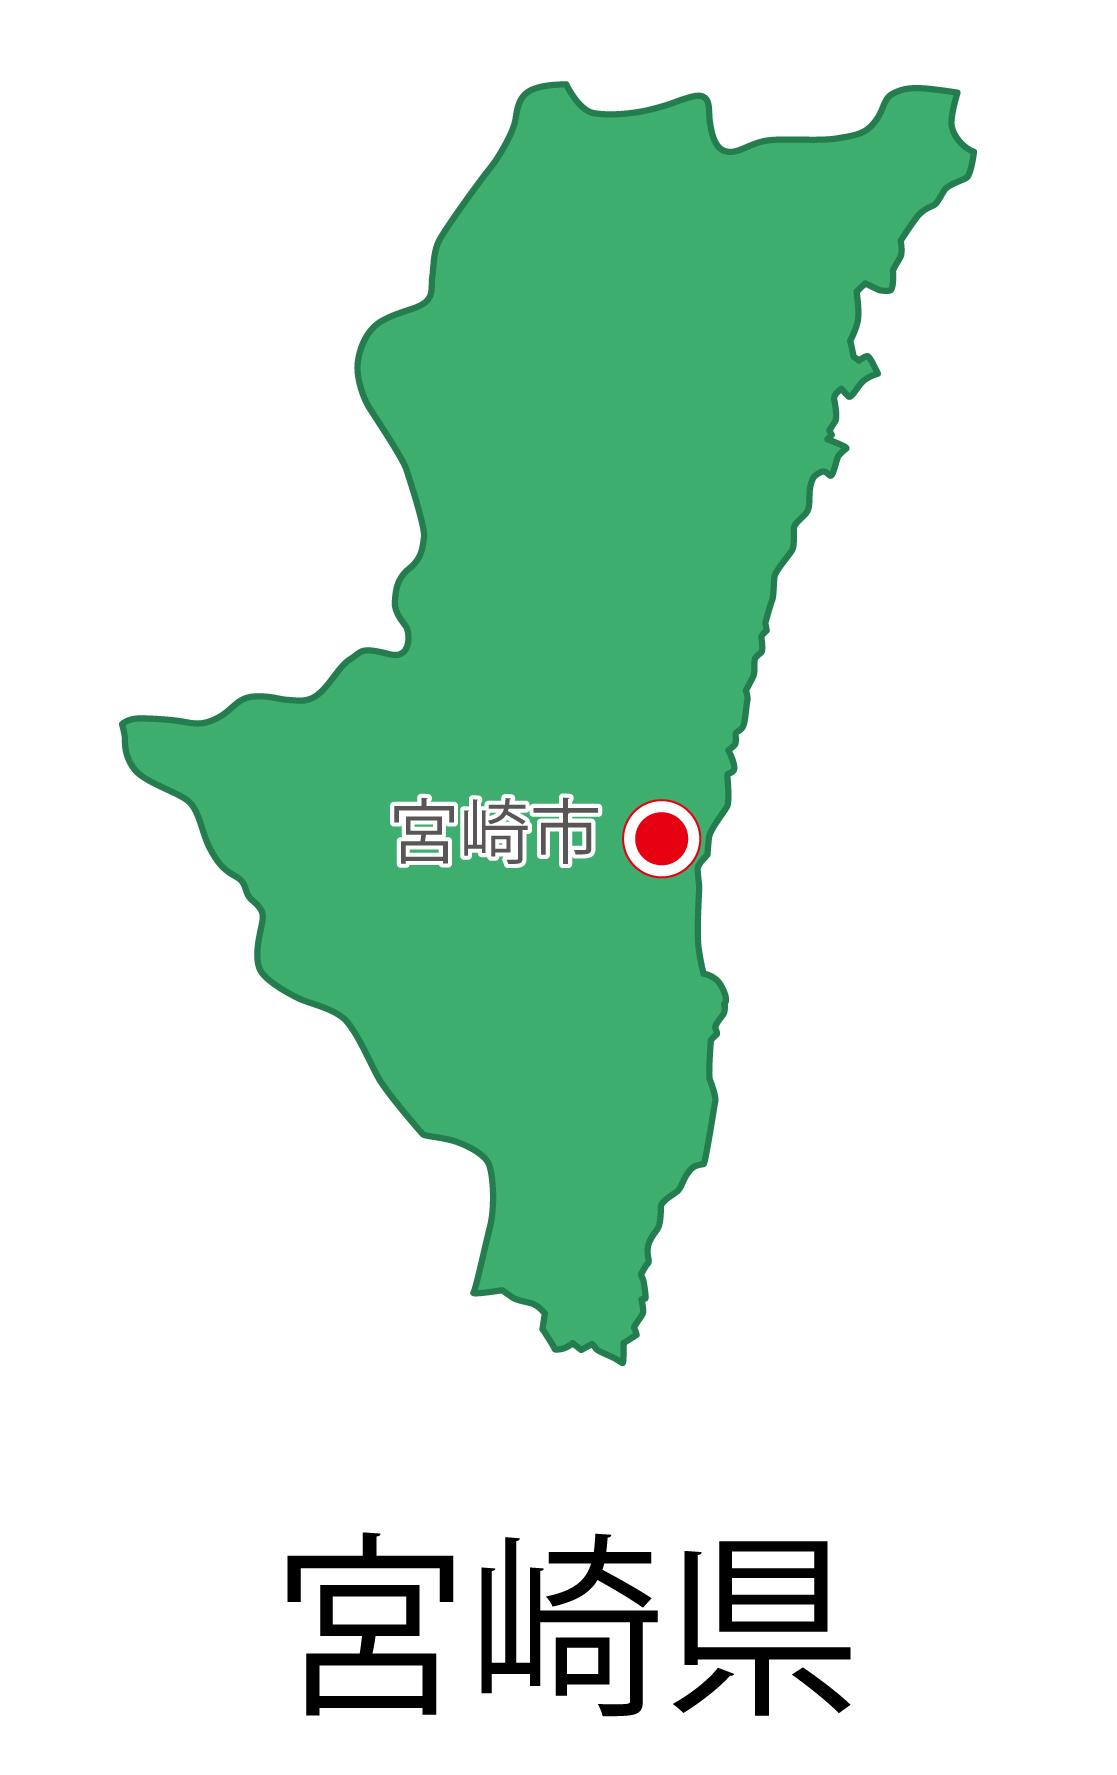 宮崎県無料フリーイラスト|日本語・都道府県名あり・県庁所在地あり(緑)